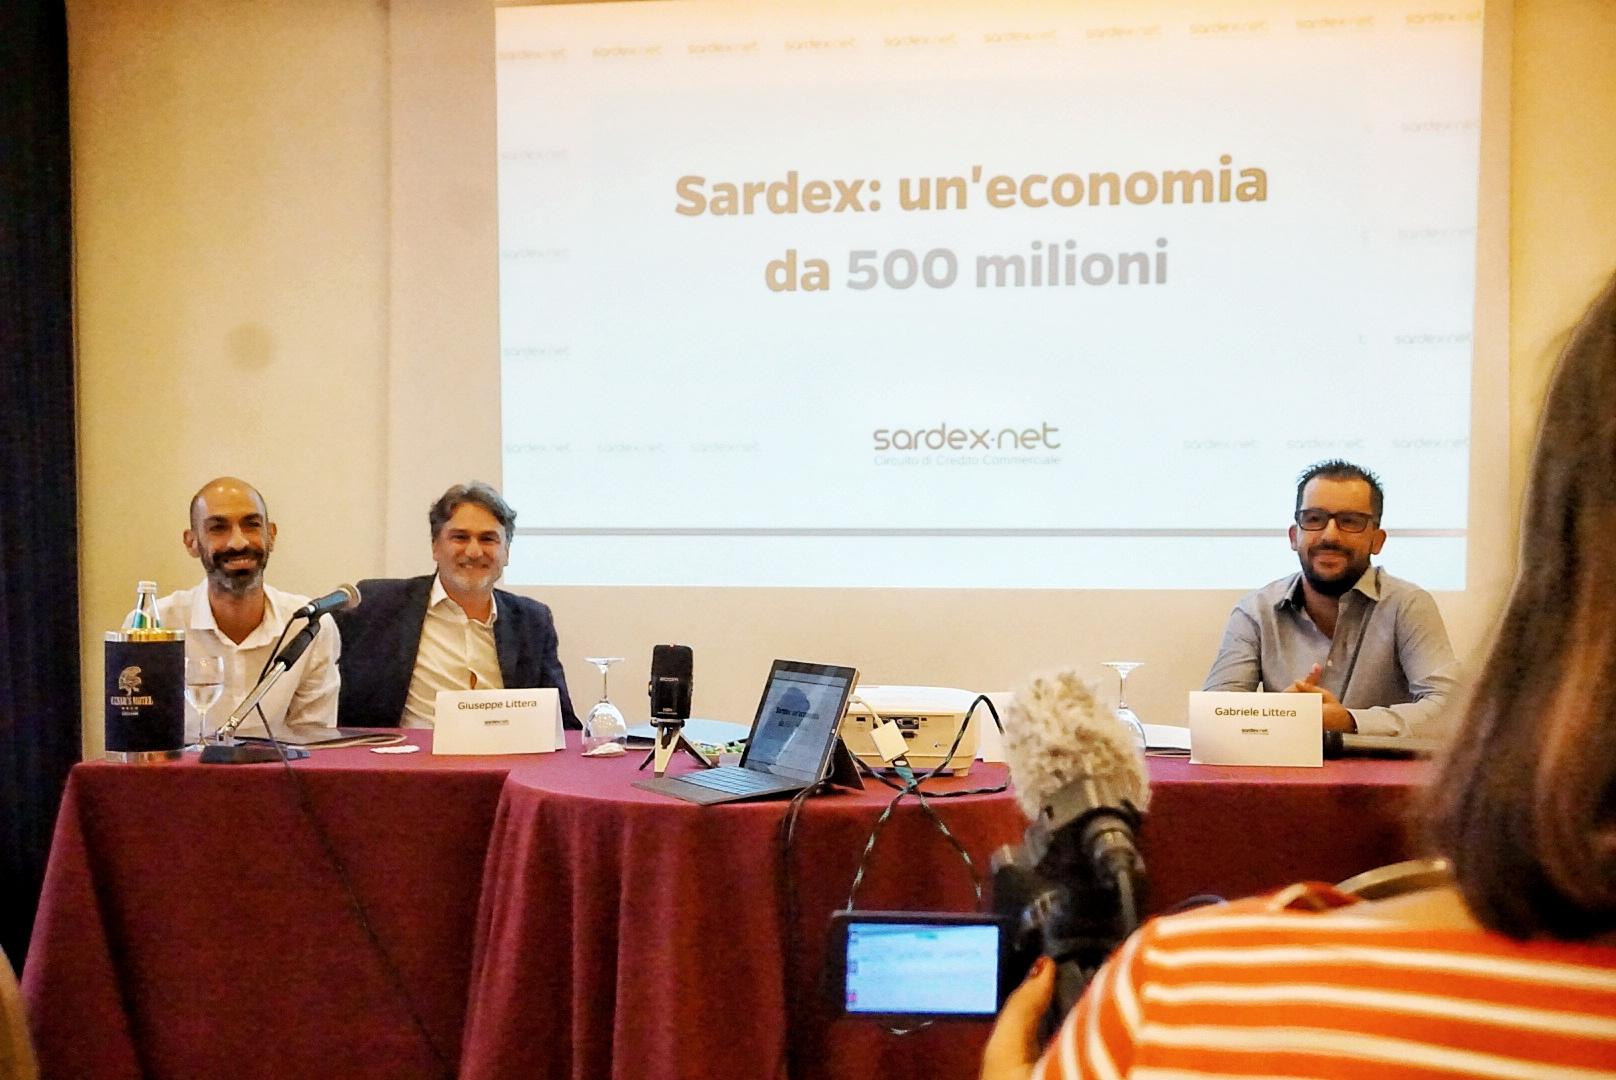 Foto conferenza (da destra a sinistra - Giuseppe Littera, Franco Contu, Gabriele Littera)